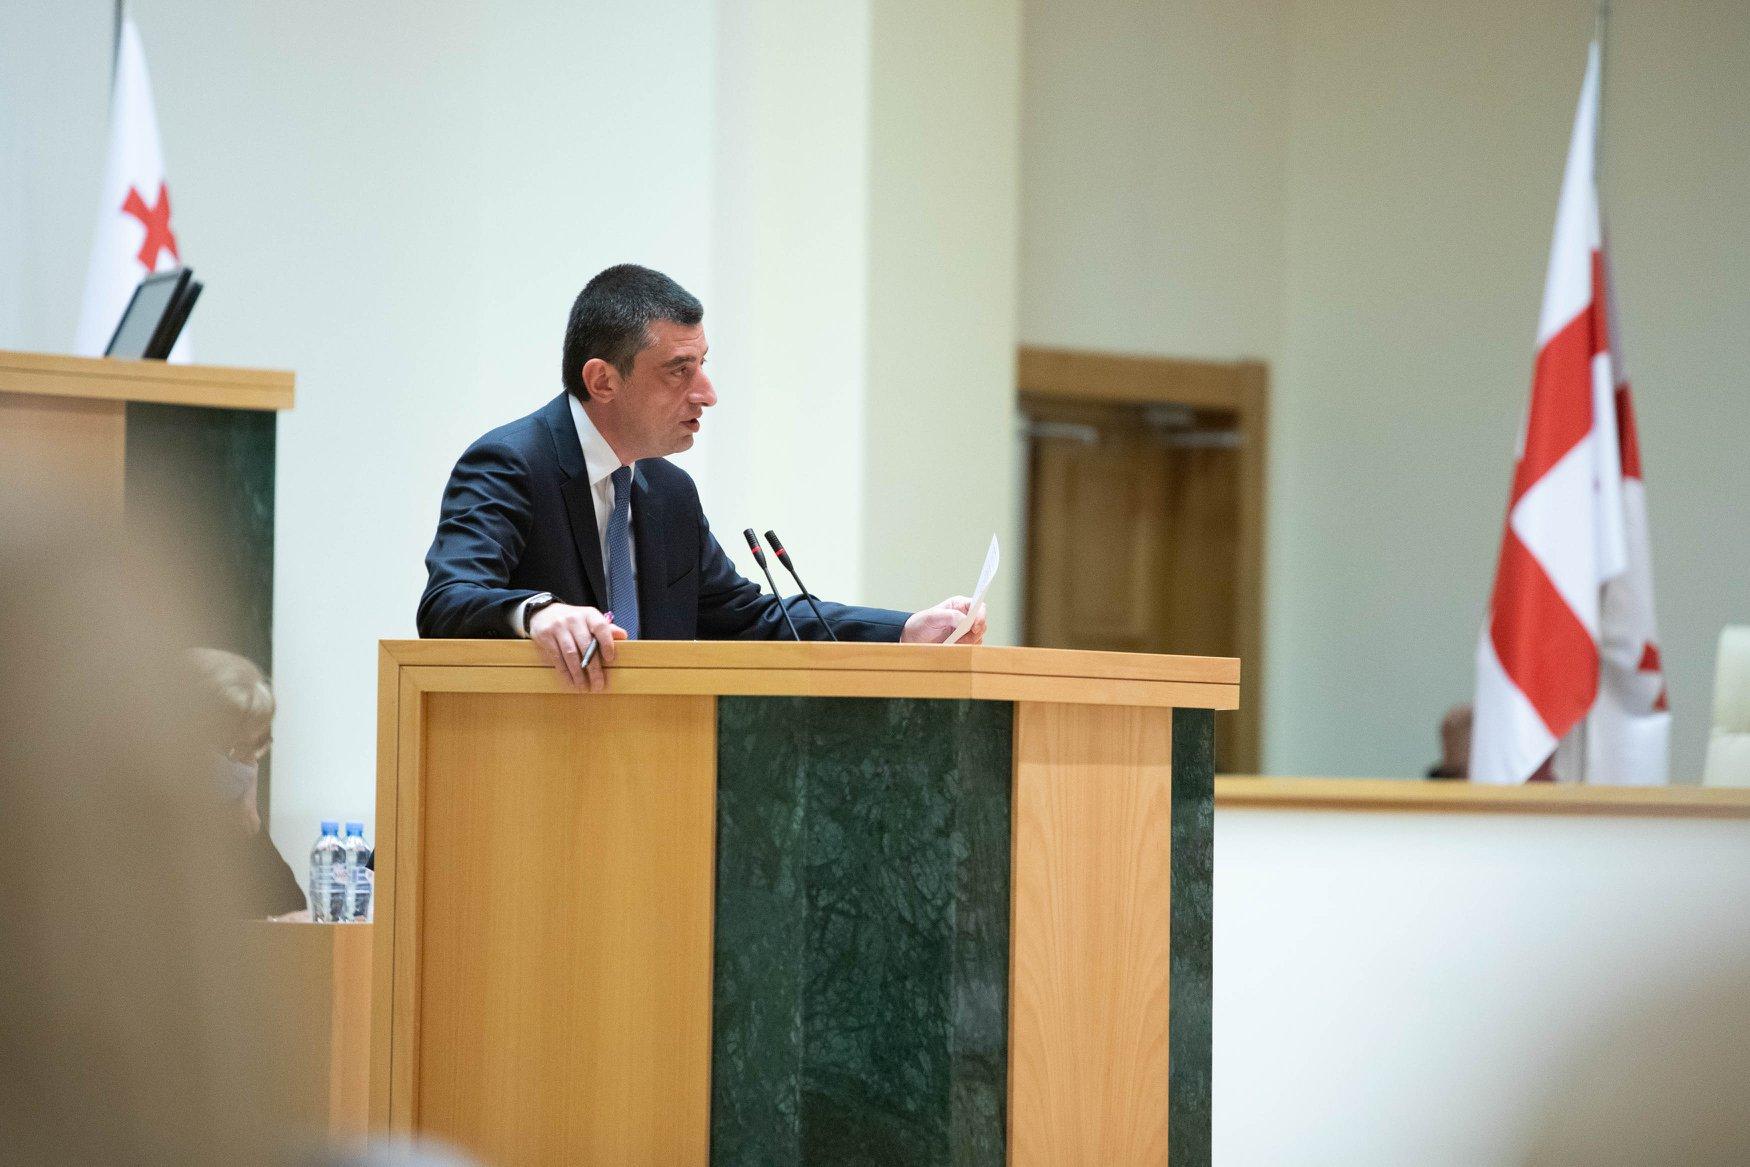 Giorgi Gakharia 34 #новости Георгий Гахария, Европейская Грузия, ночь Гаврилова, оппозиция Грузии